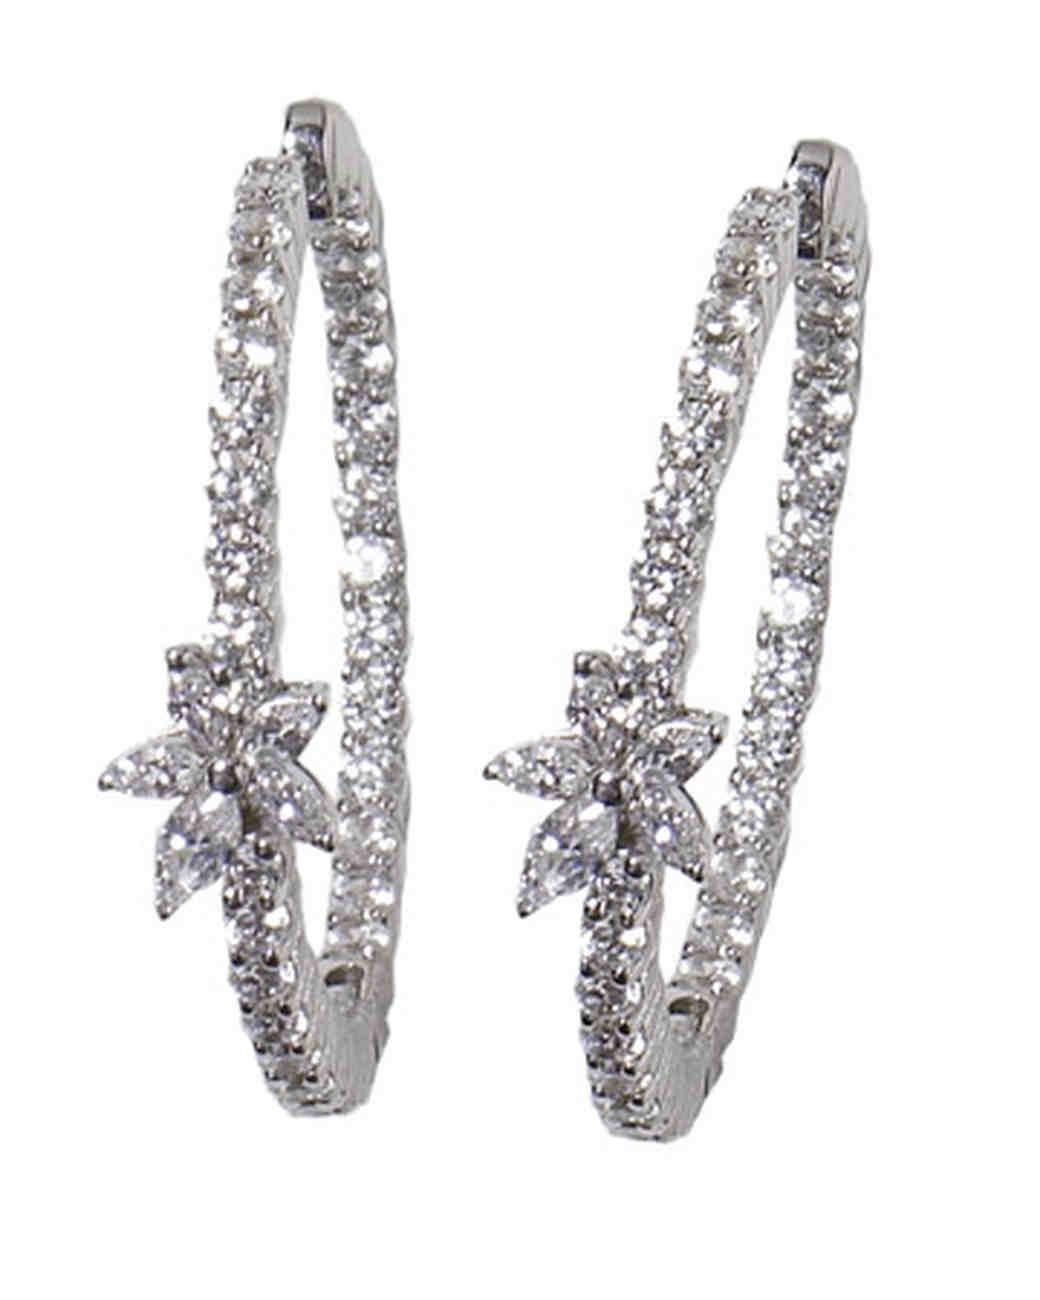 wd404606_spr09_jewelry24.jpg